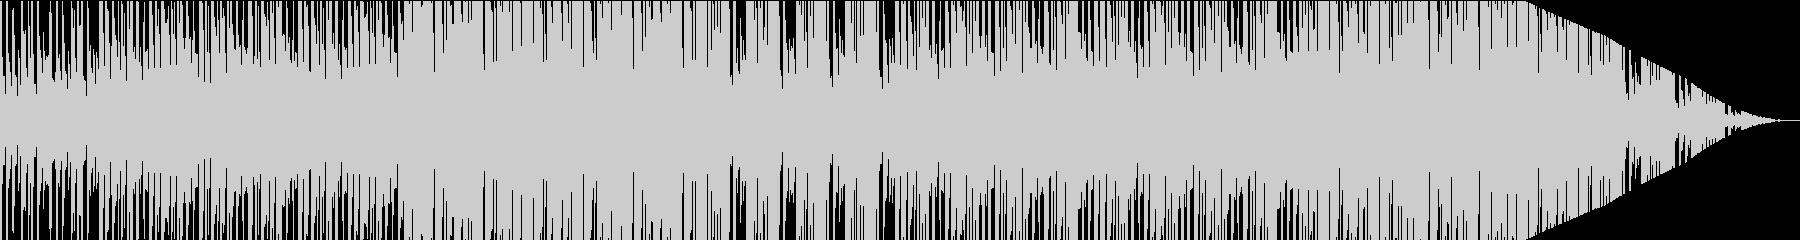 スラップとシタールのバトル的BGMの未再生の波形